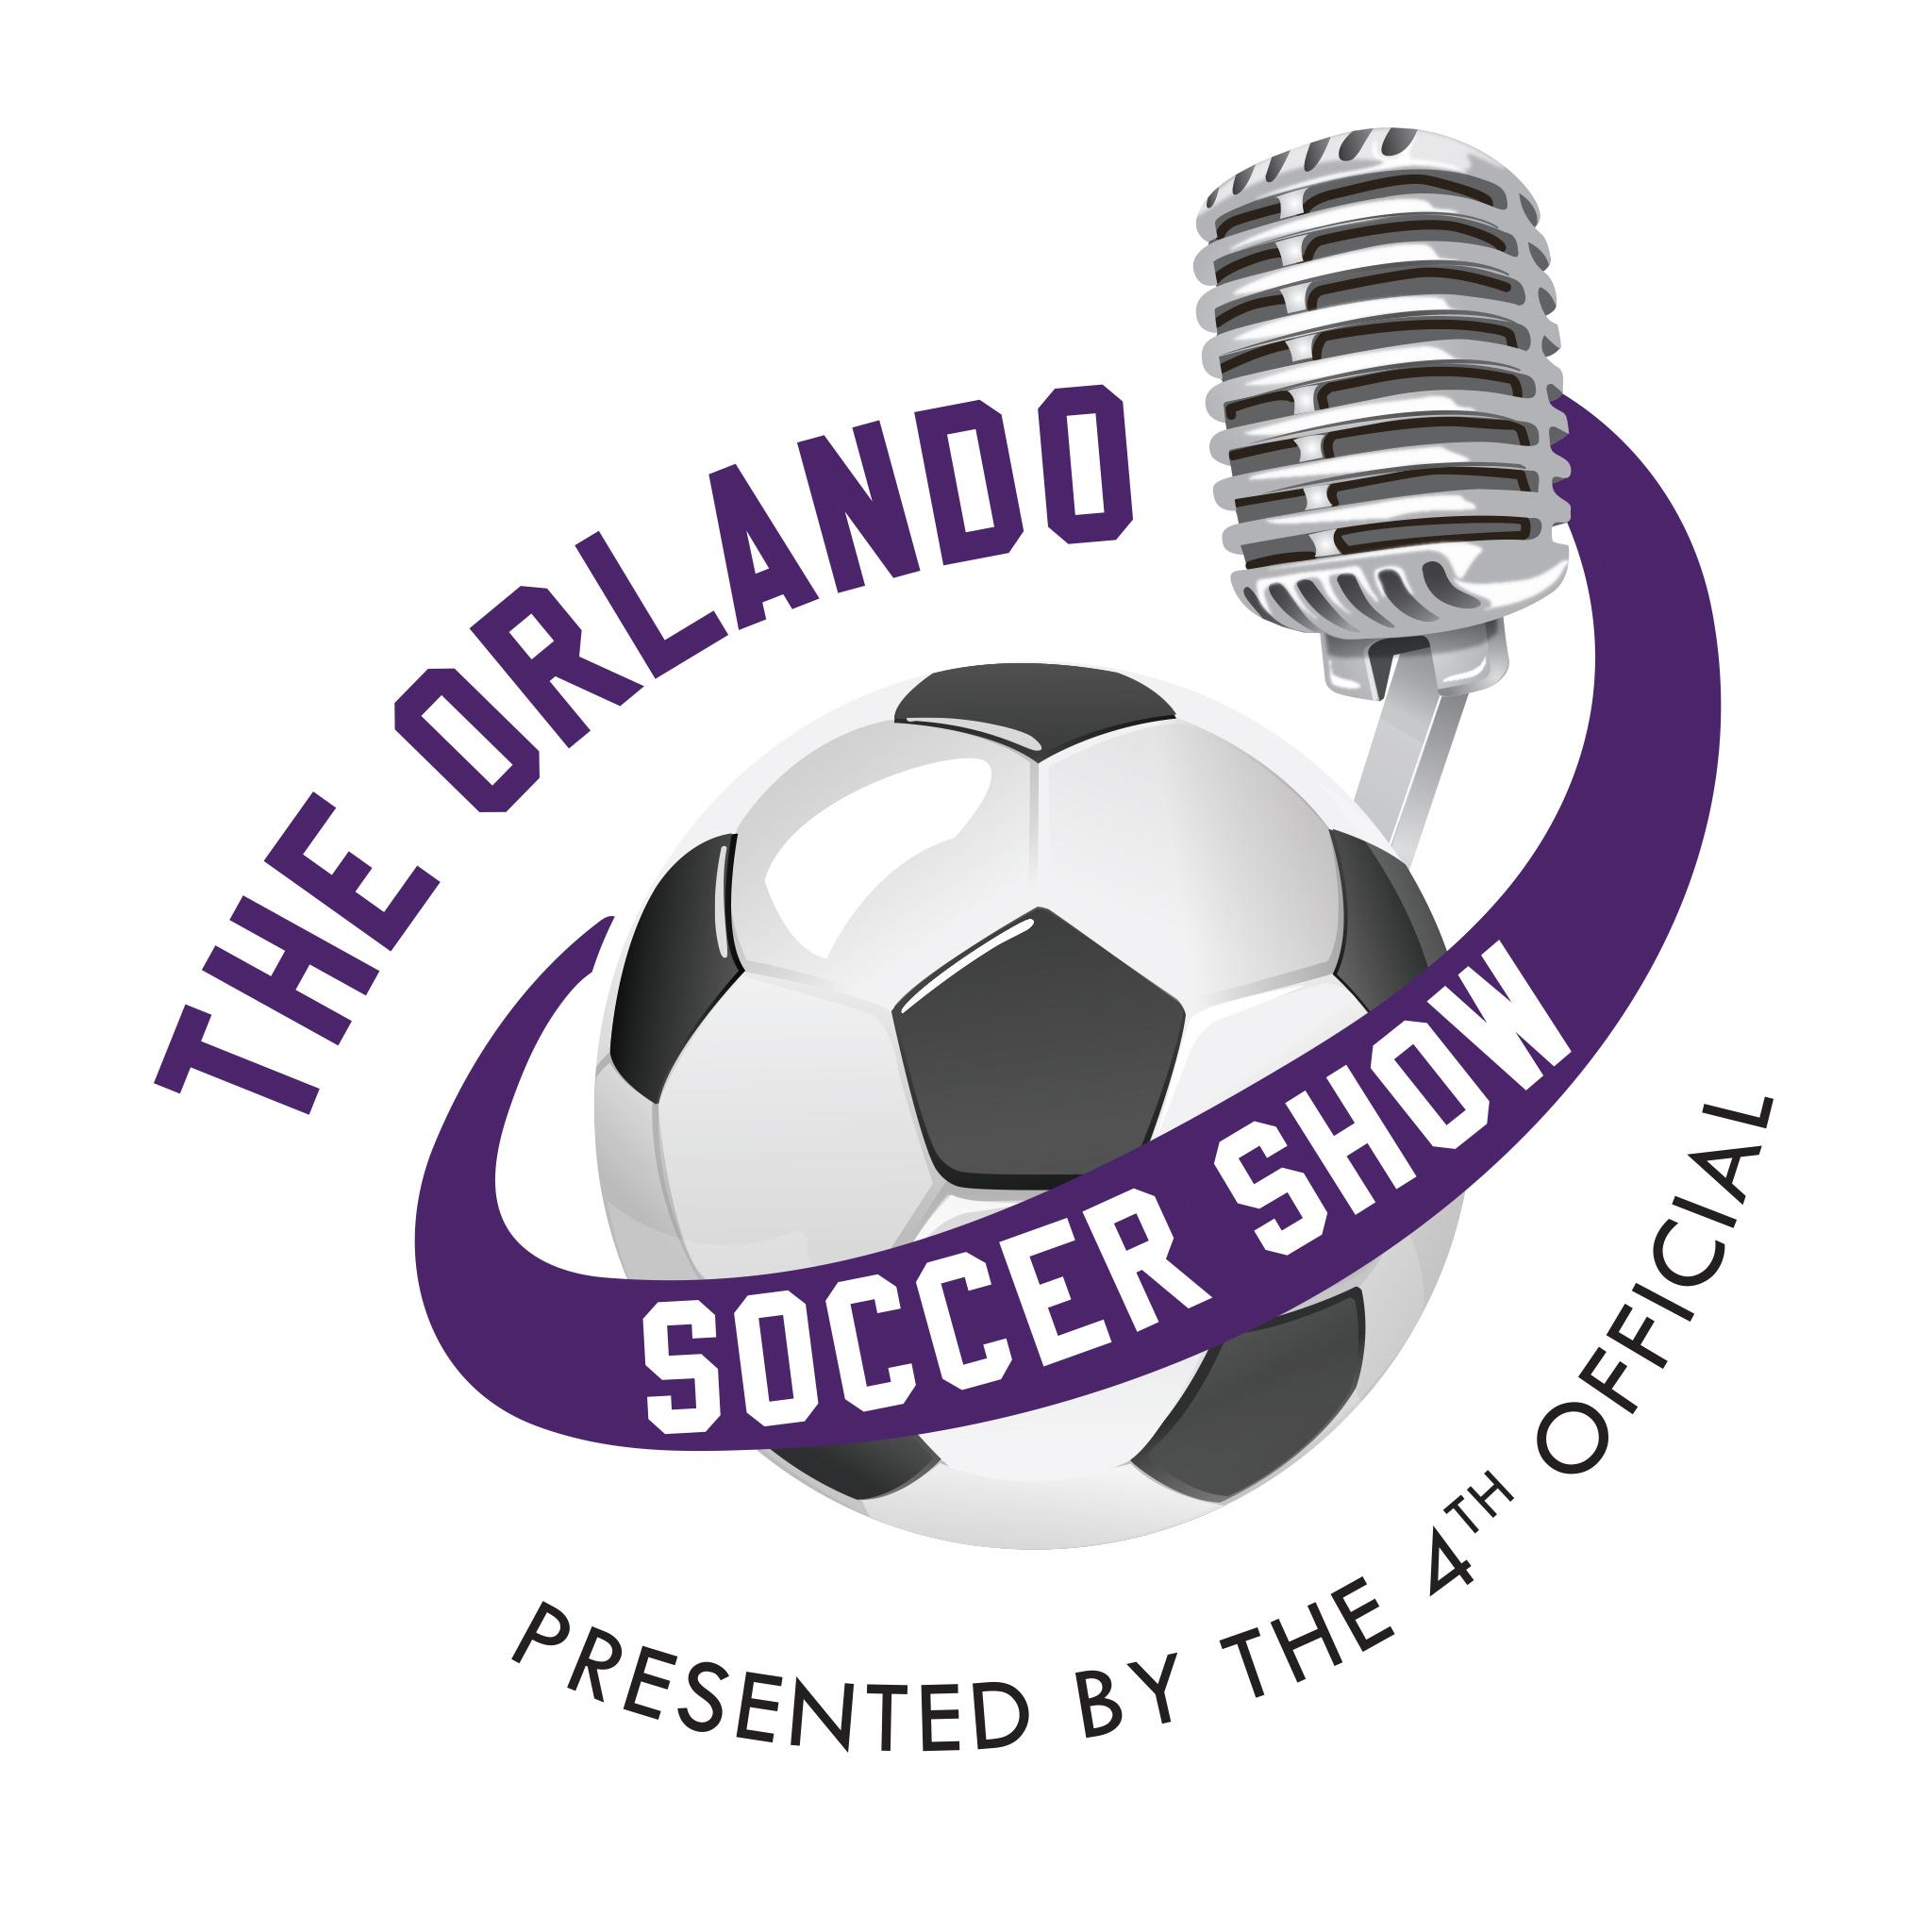 Orlando Soccer Show